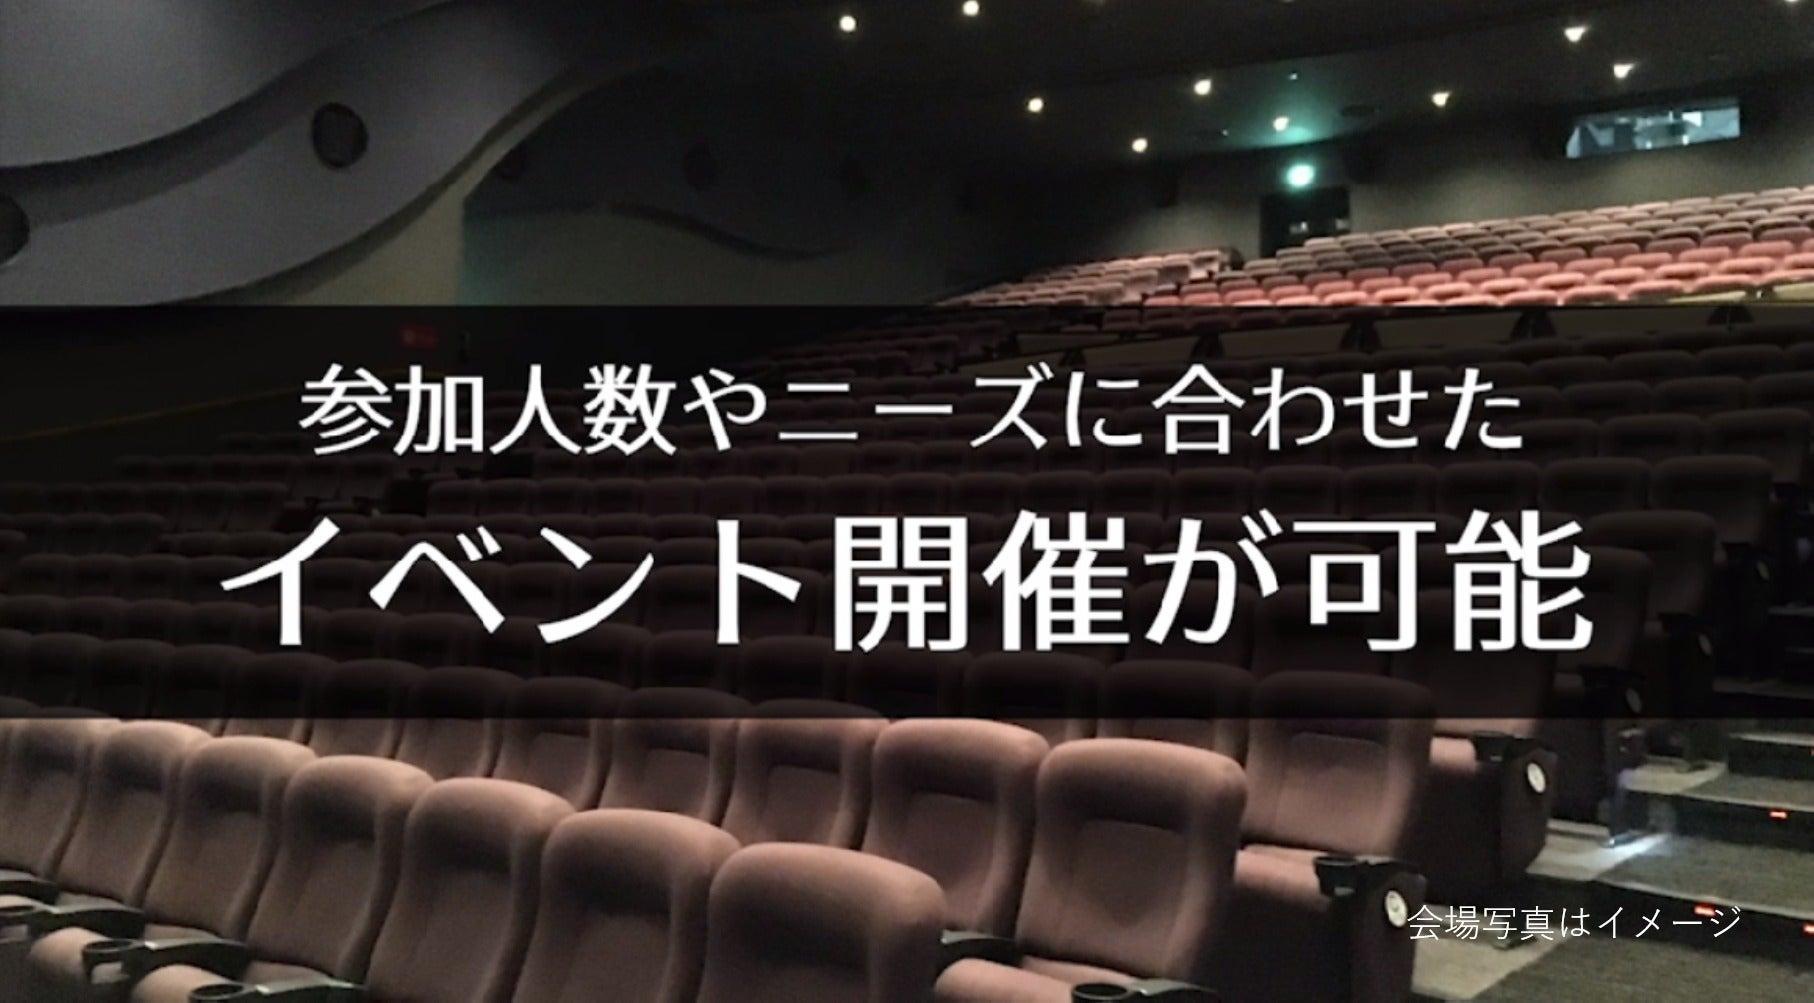 【幸手 137席】映画館で、会社説明会、株主総会、講演会の企画はいかがですか? の写真